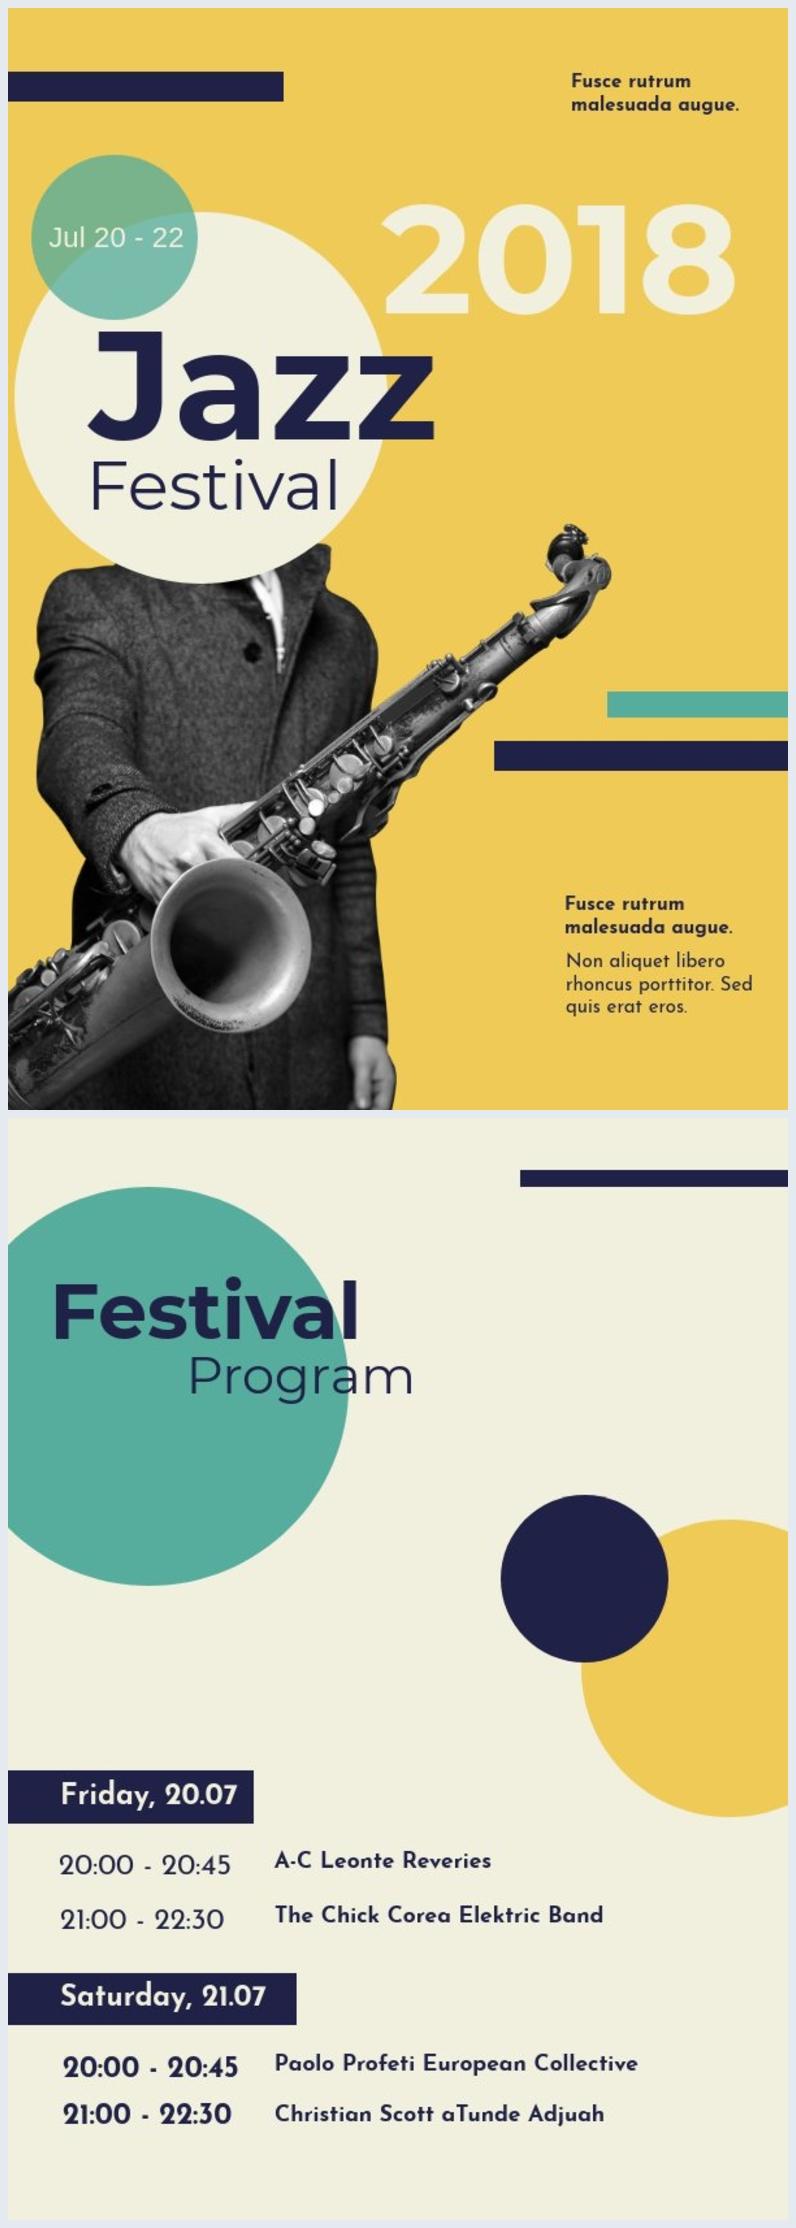 Jazz Music Flyer Design